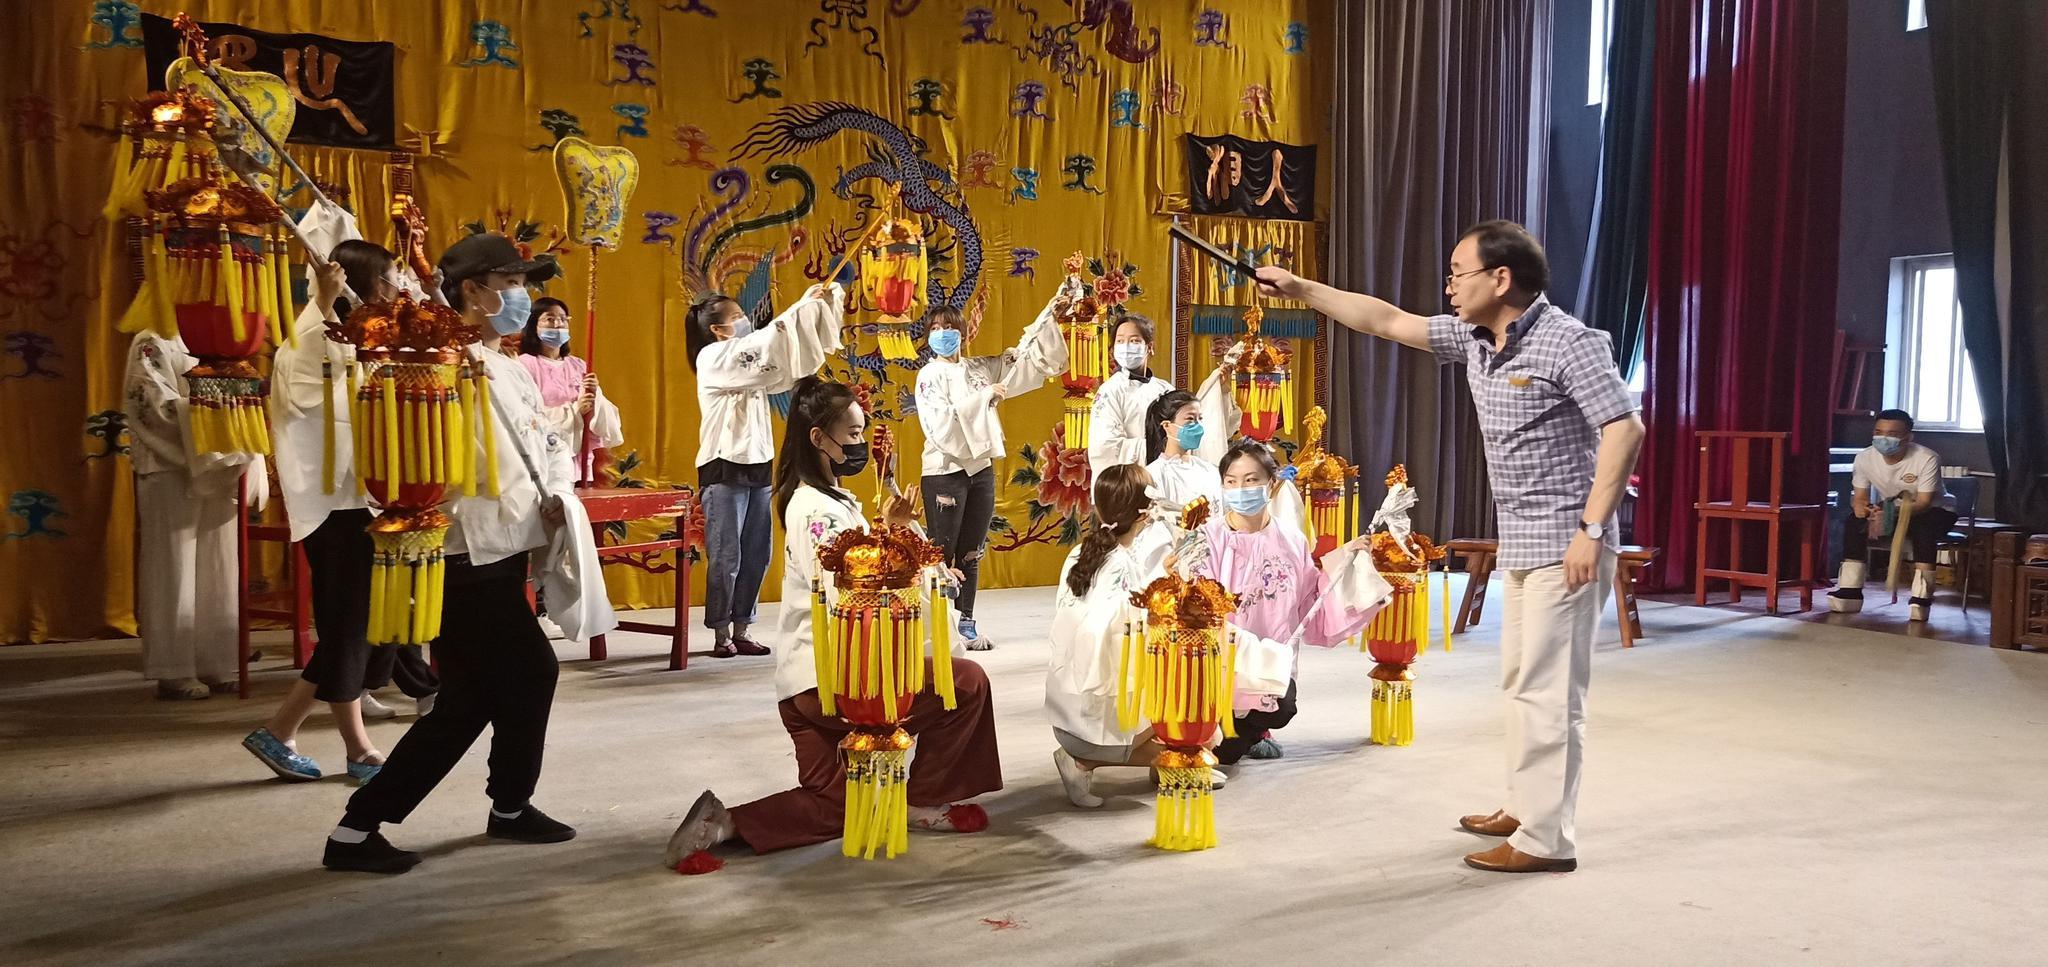 四大美人搭五大丑角,京剧《五丑四美图》为年轻人新编戏图片